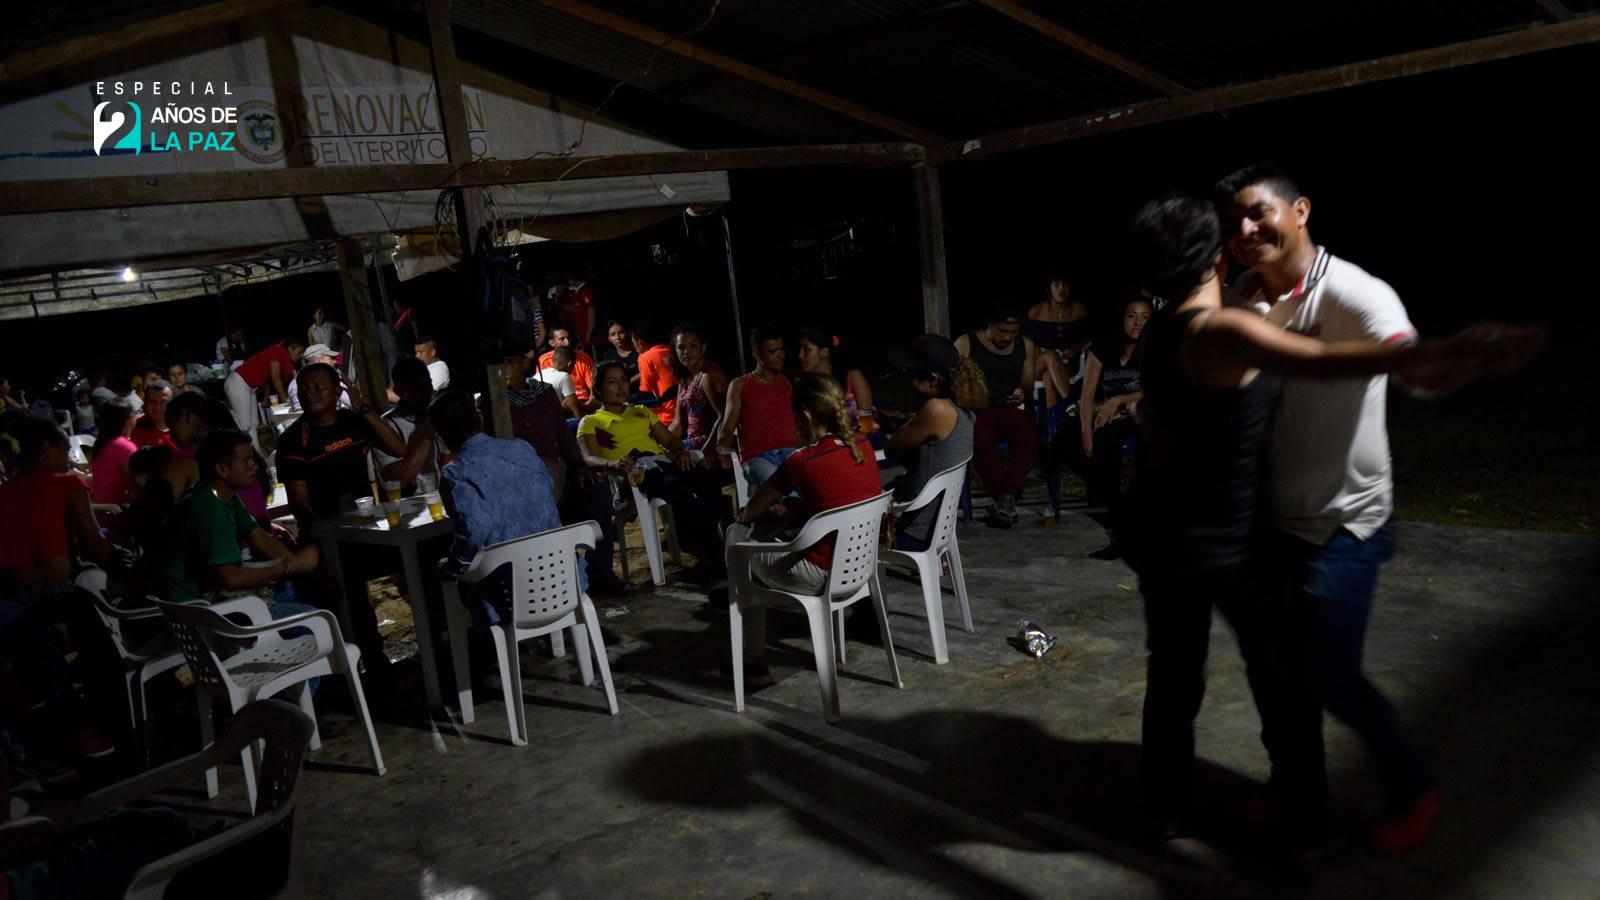 historias/norte-de-santander/exguerrilleros-del-catatumbo-celebran-los-dos-anos-de-la-paz